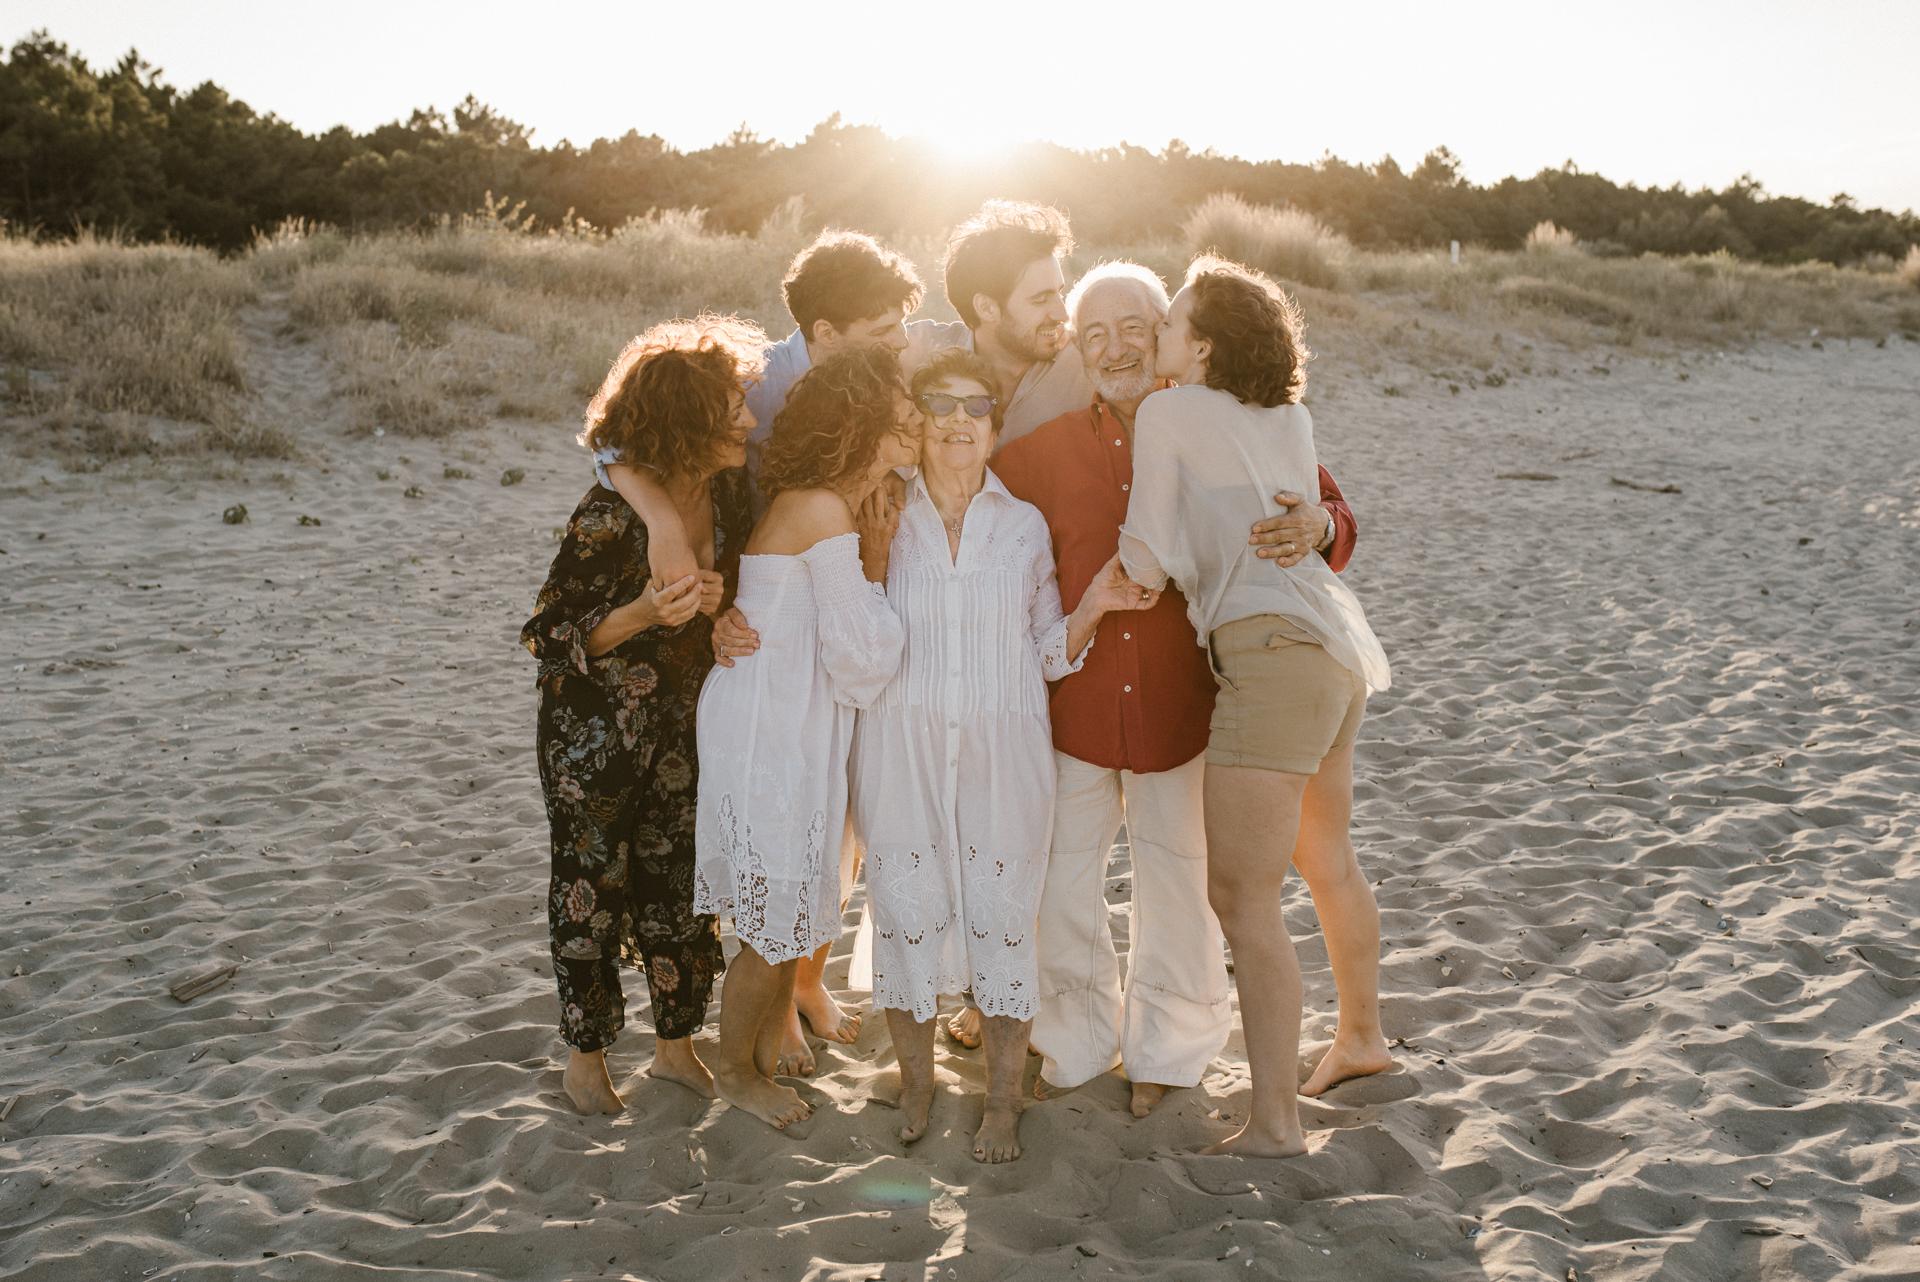 fotografa-famiglia-mare-02